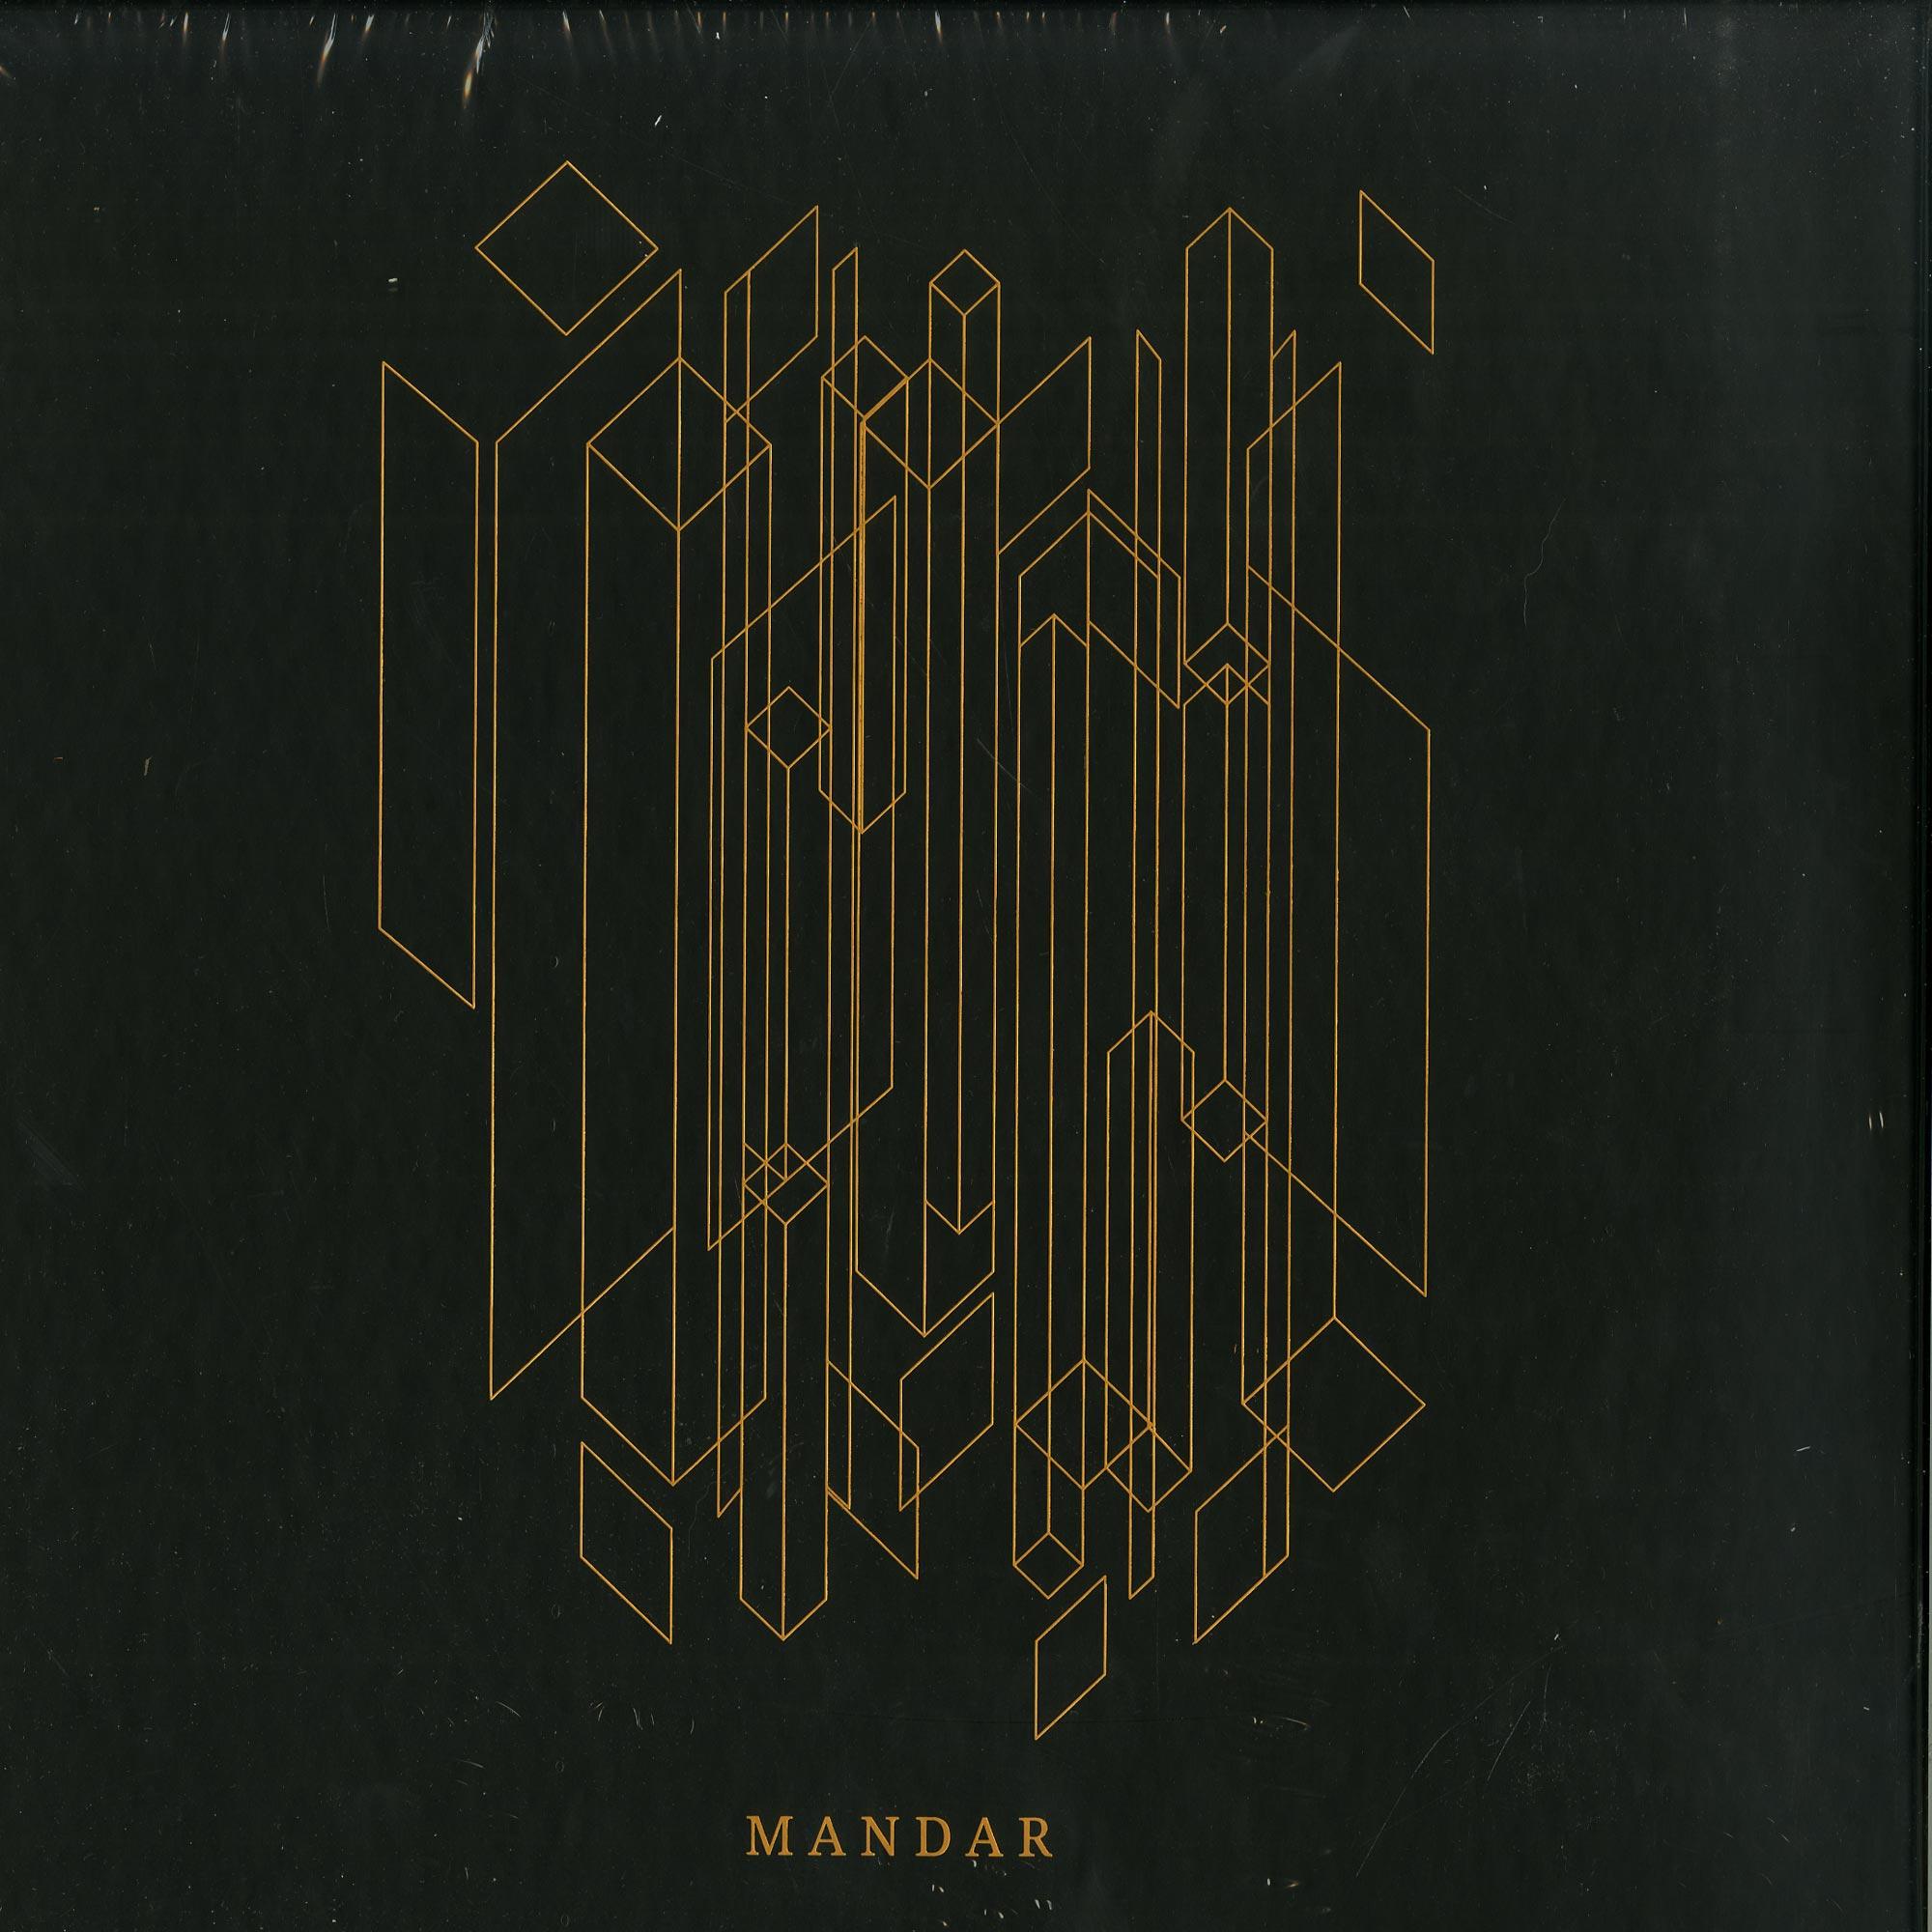 Mandar - MANDAR ALBUM